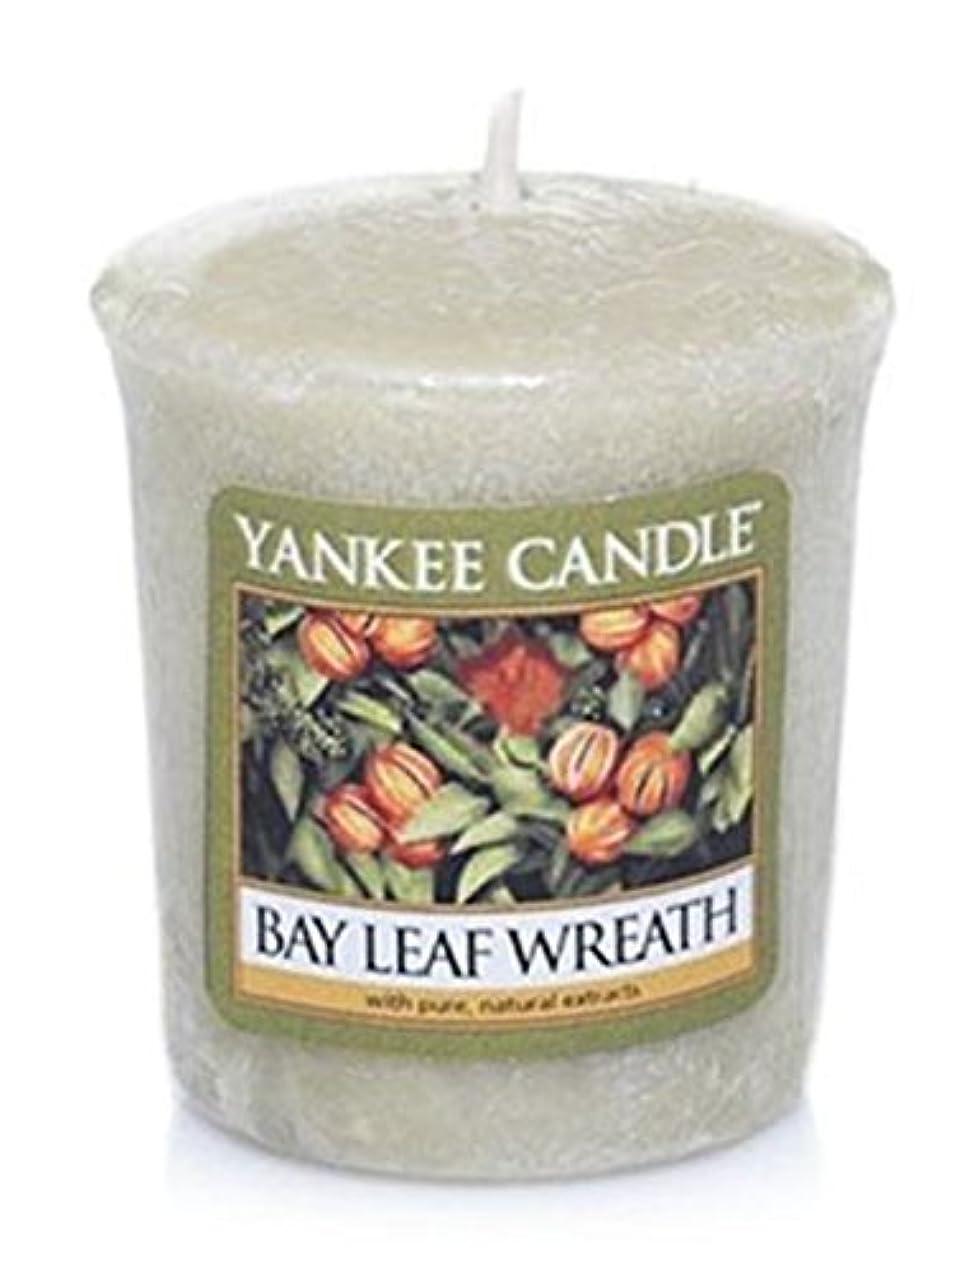 区別するハプニングヤンキーキャンドル YANKEE CANDLE ヤンキーキャンドル YANKEE CANDLE サンプラー 49g ベイリーフリース (在庫)